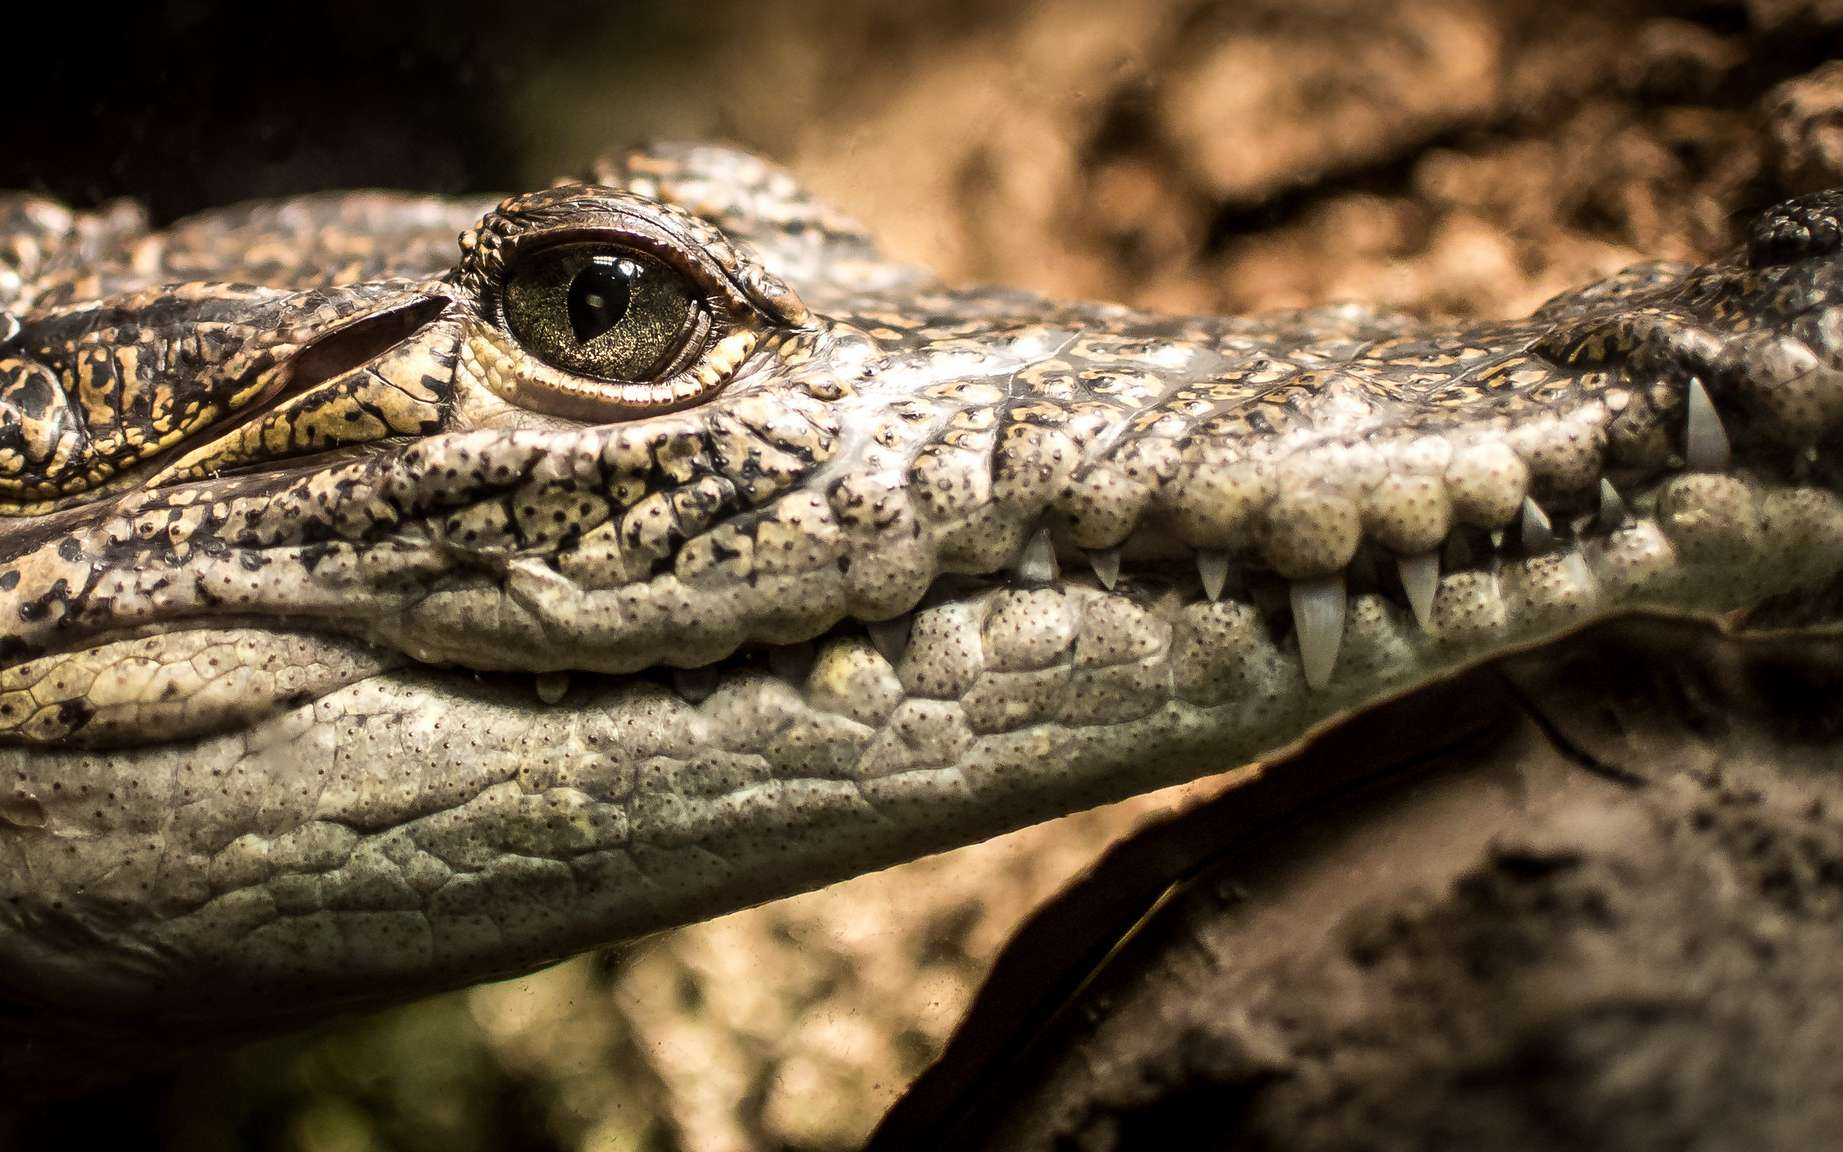 Les crocodiliens sont apparus au Crétacé et ont subi peu de modifications depuis. © Shannon Tompkins, Flickr